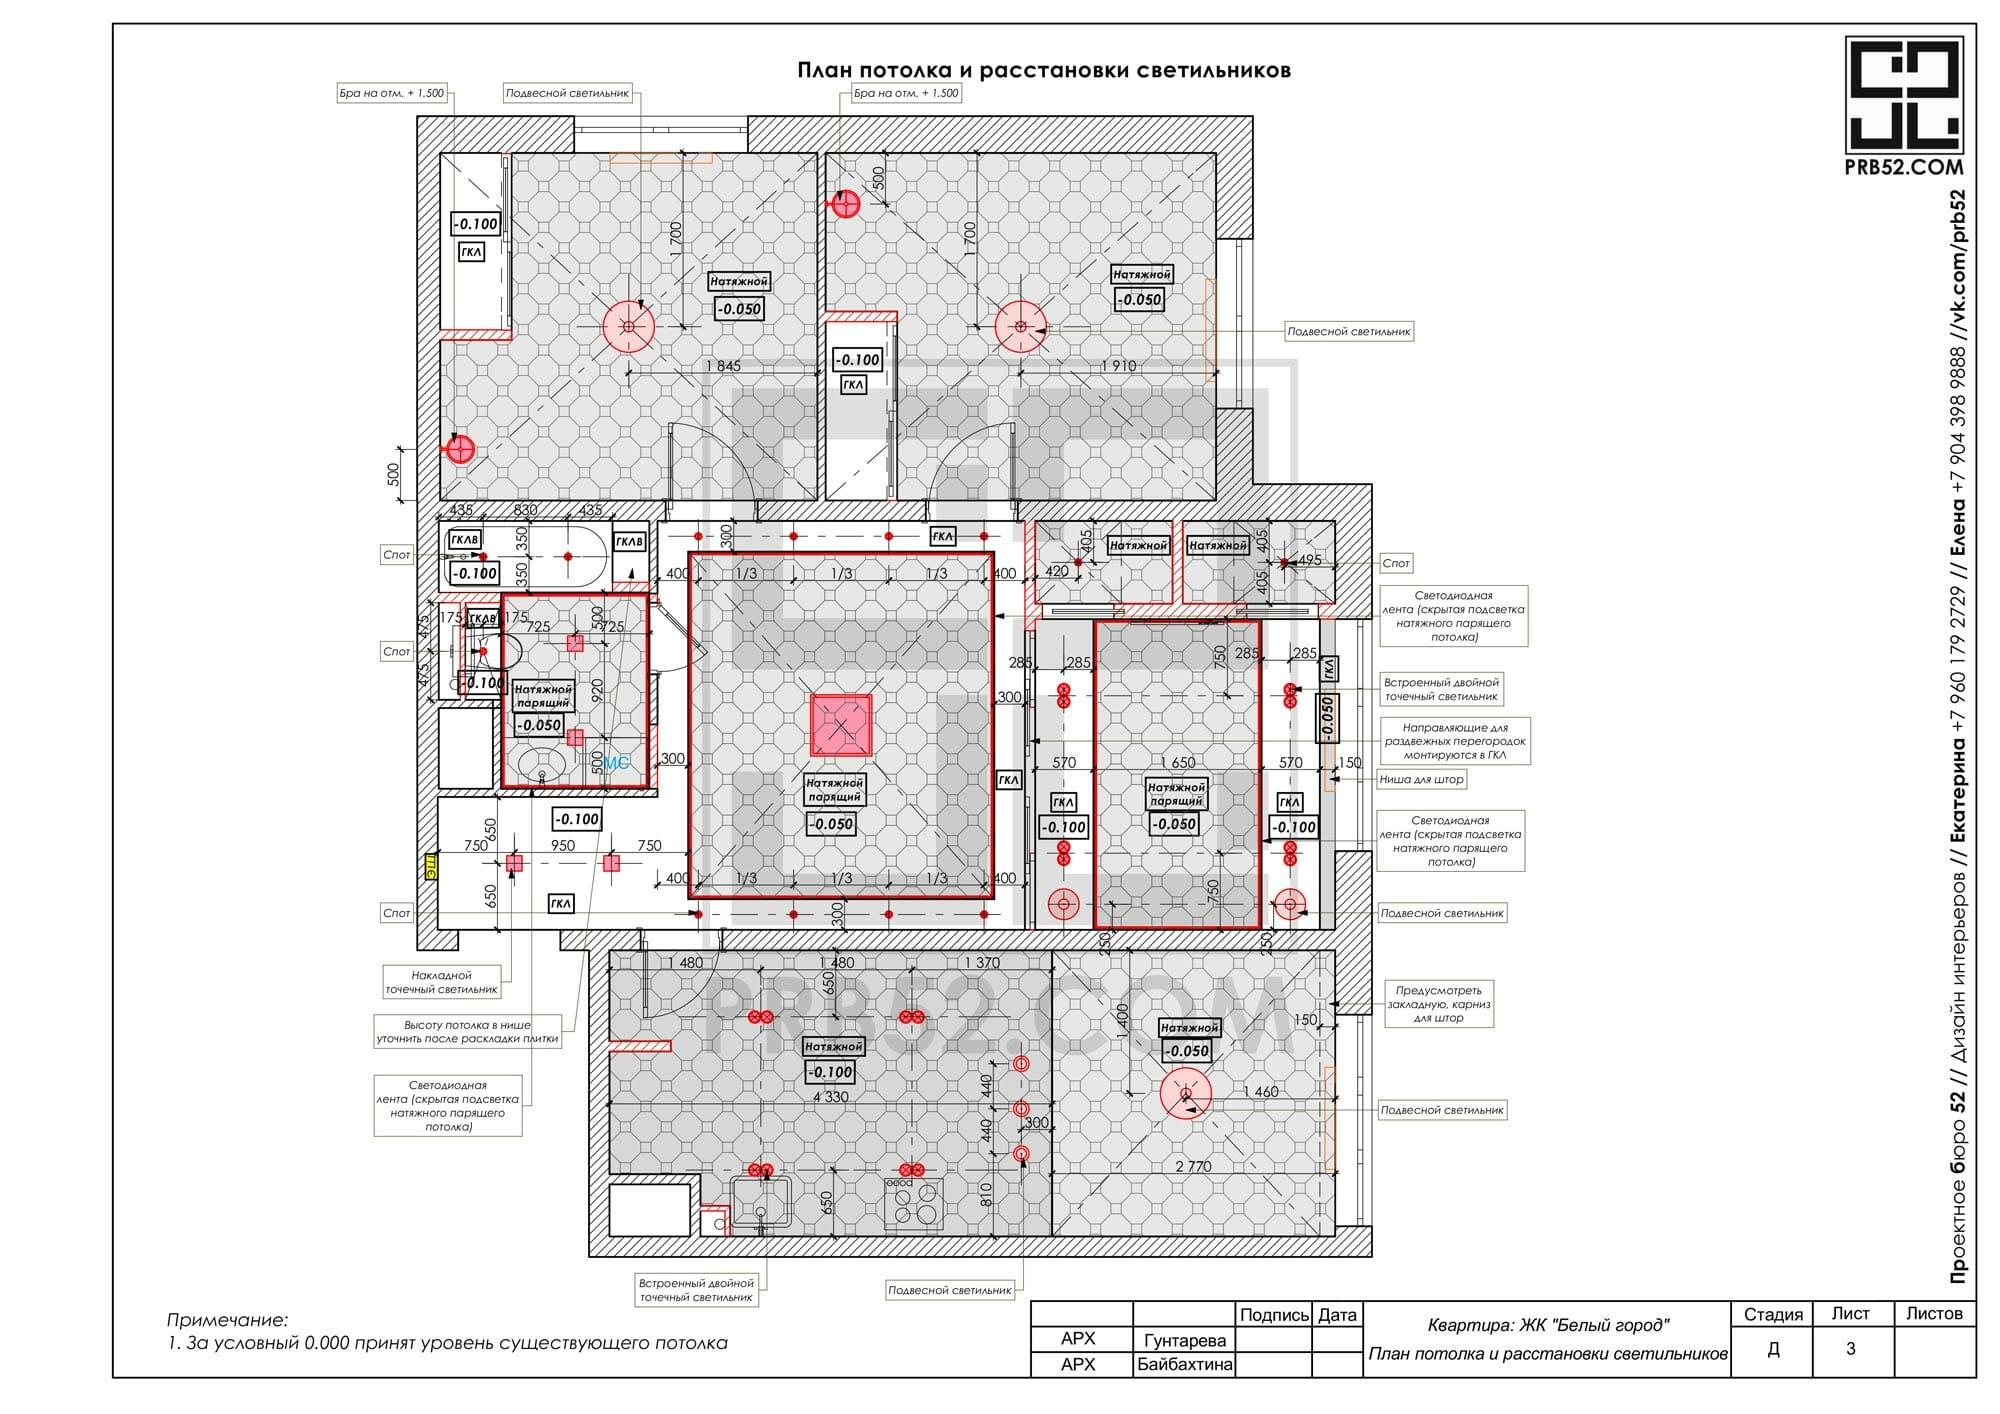 дизайн интерьера планы потолка и расстановки светильников